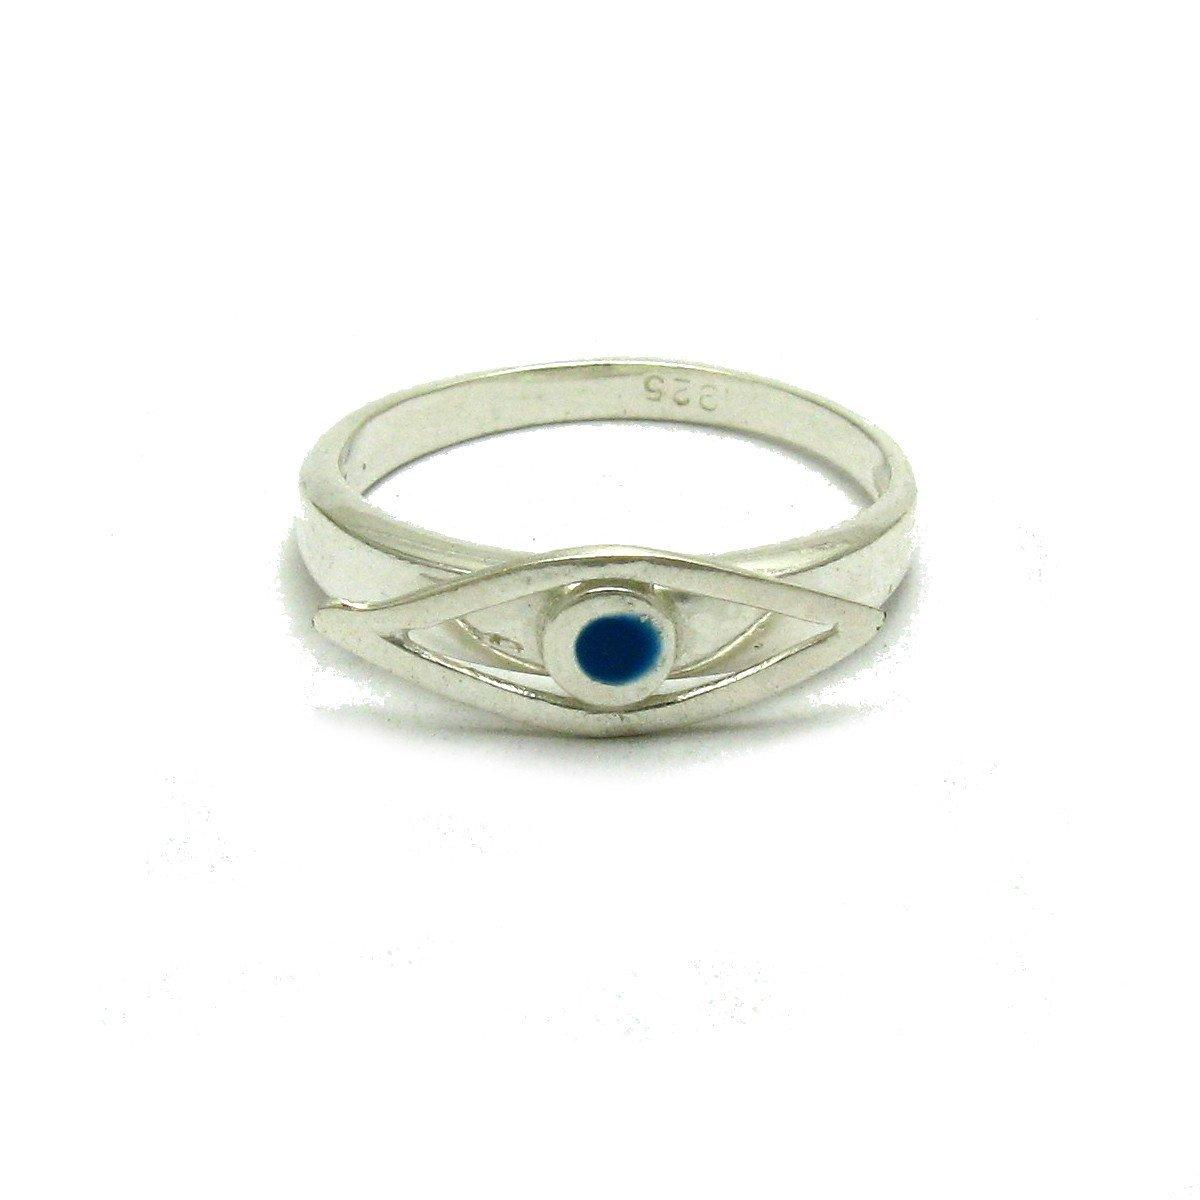 Bague en argent massif 925 oeil bleu avec é mail R001665 Empress